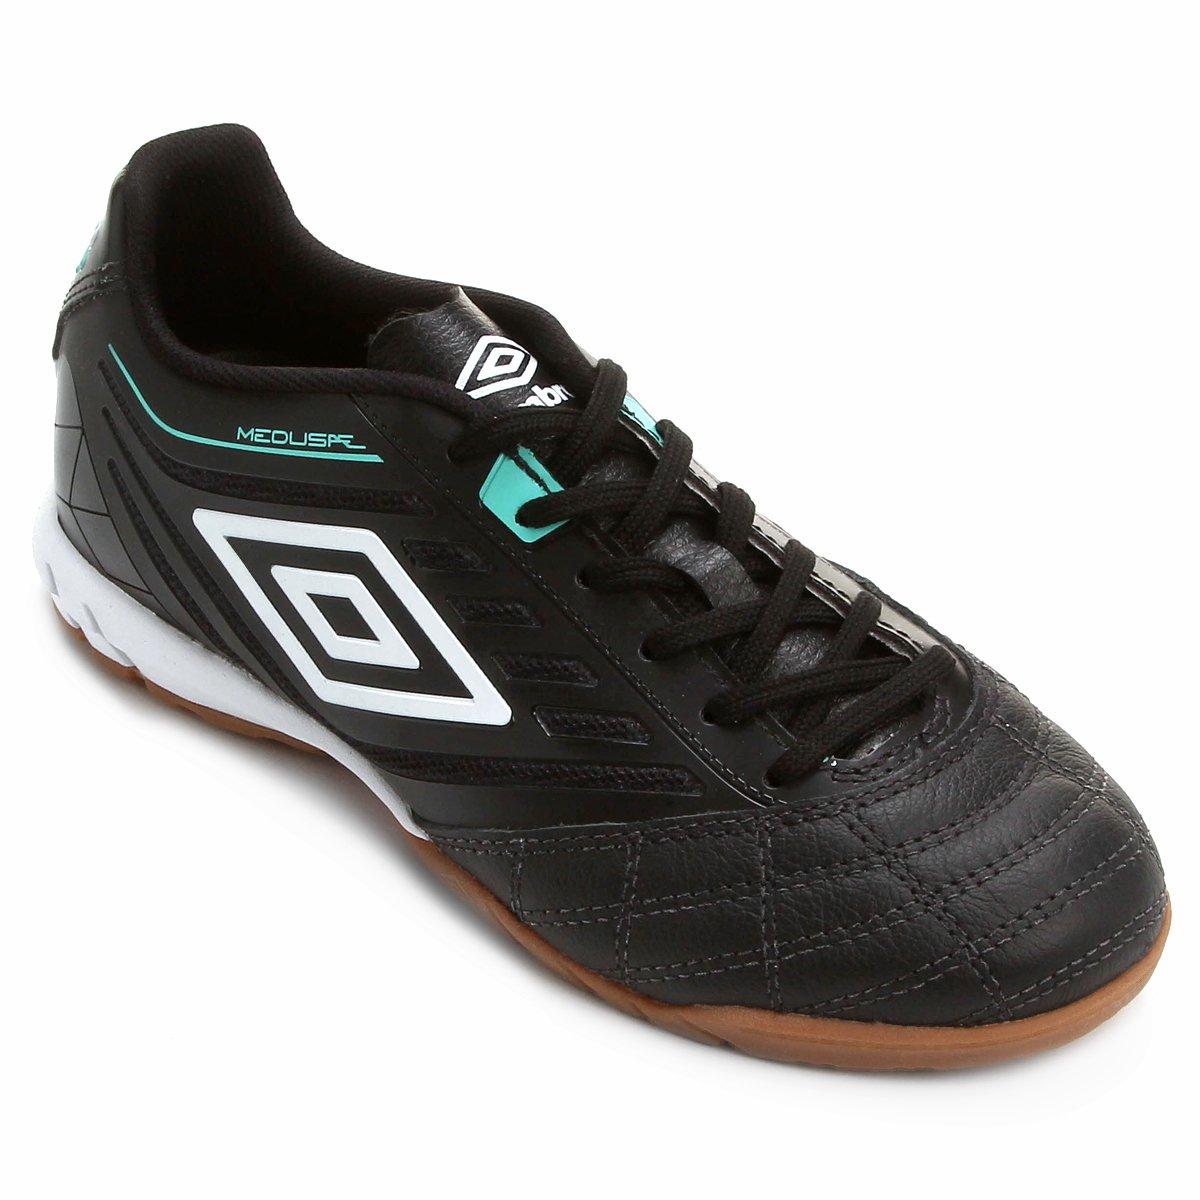 33f8f29179243 Chuteira Futsal Umbro Medusae Premier Masculina - Compre Agora ...